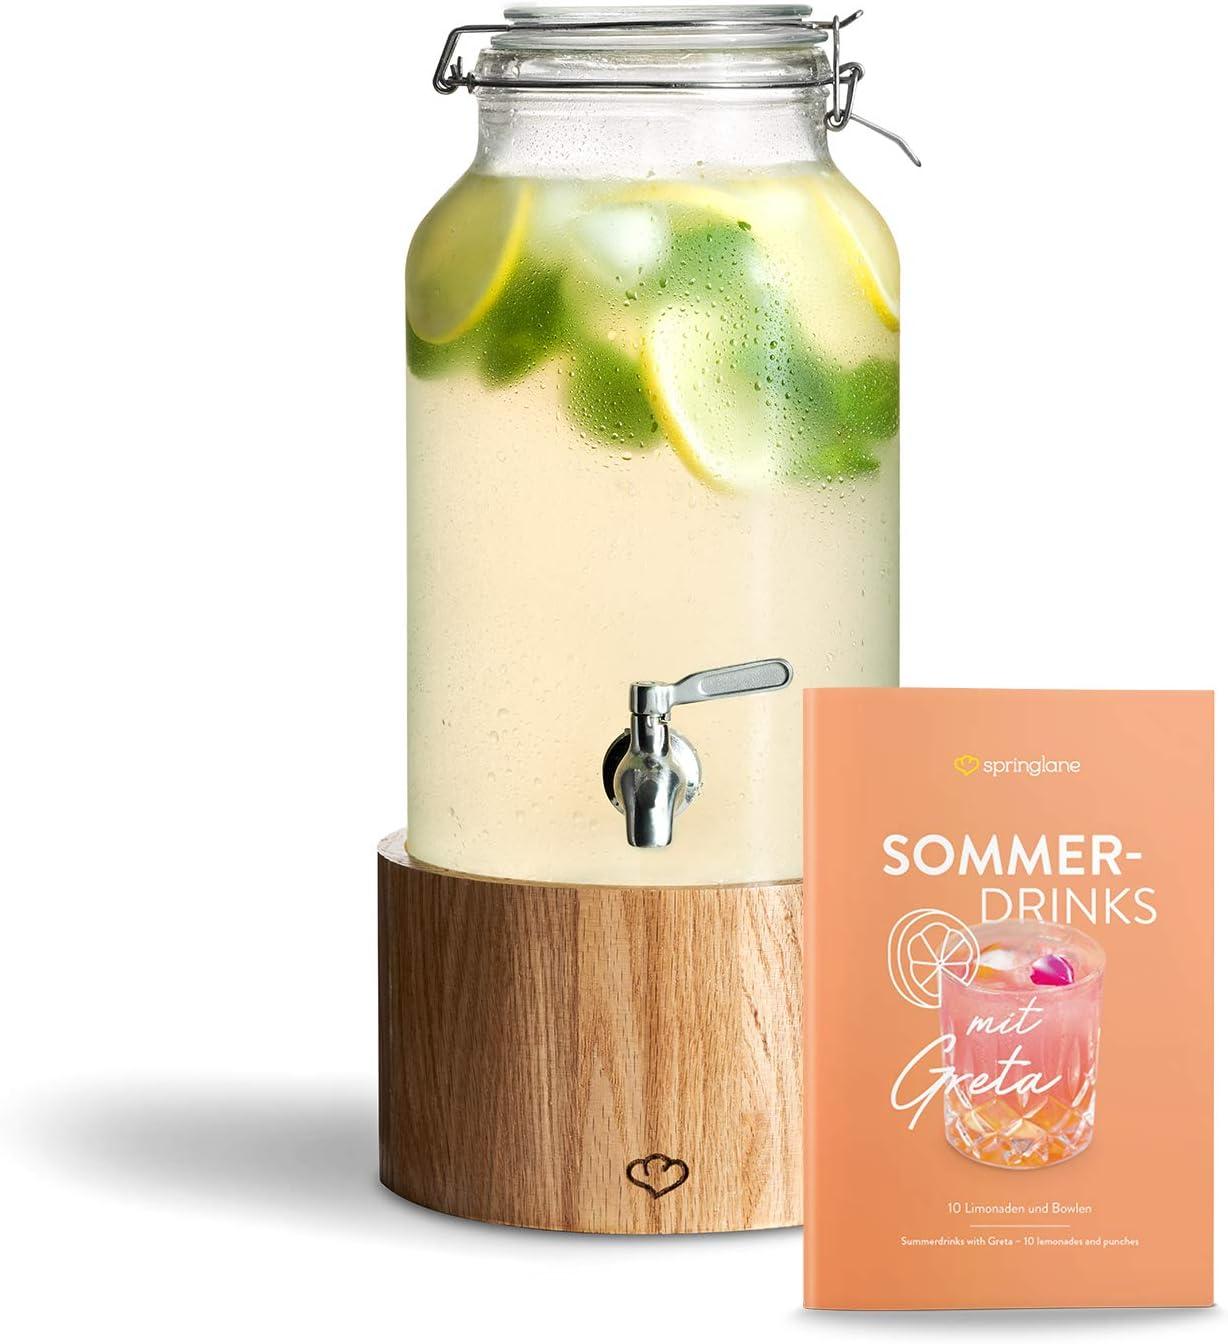 Dispensador de Bebidas 5.0 L con Grifo de Acero Inoxidable GRETA, Dispensador Bebidas Botella vidrio con soporte de Madera Mason Jar Vintage Design